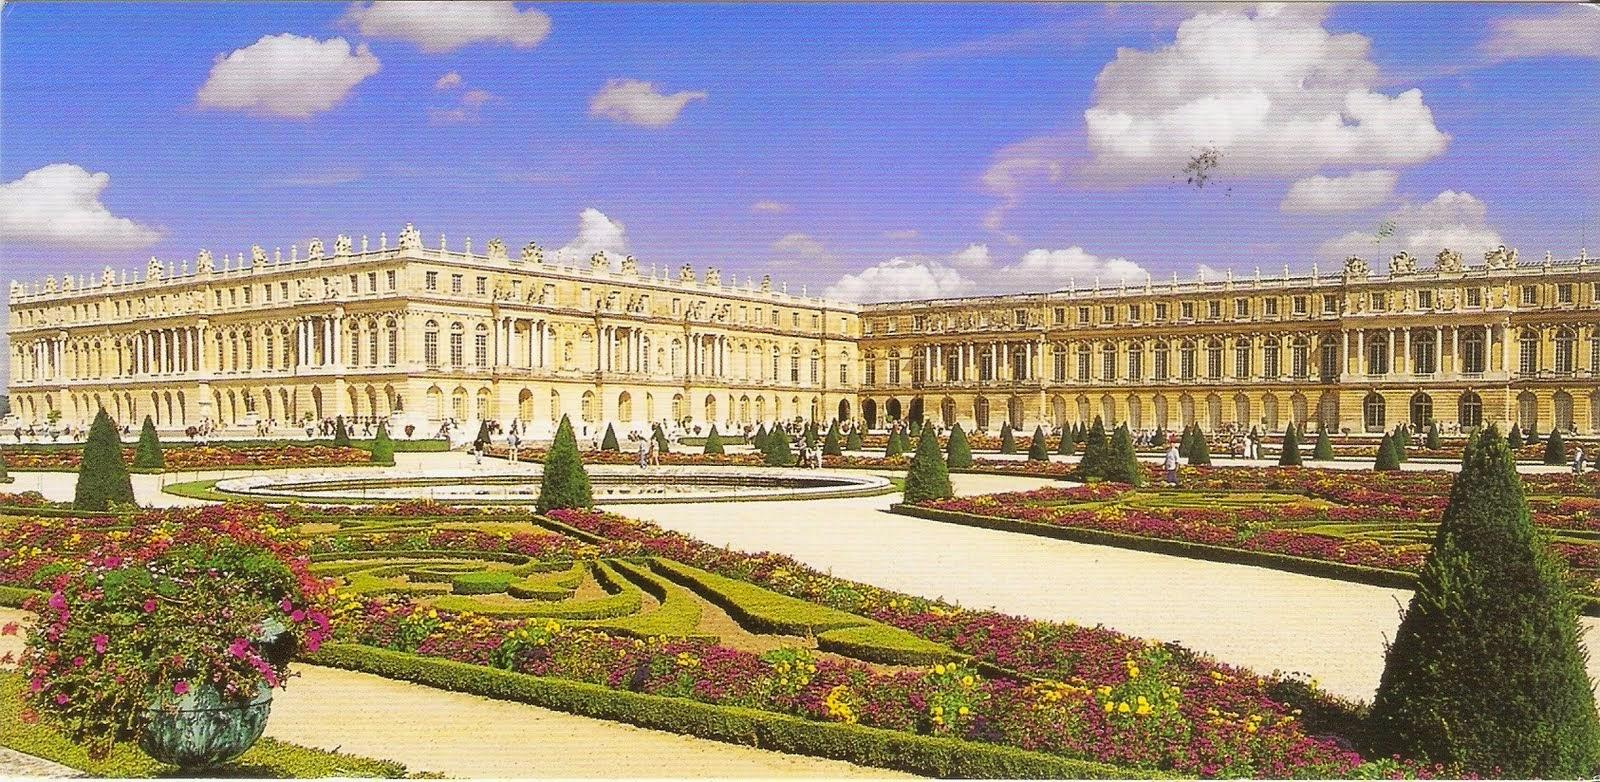 Palácio de Versailles em Paris